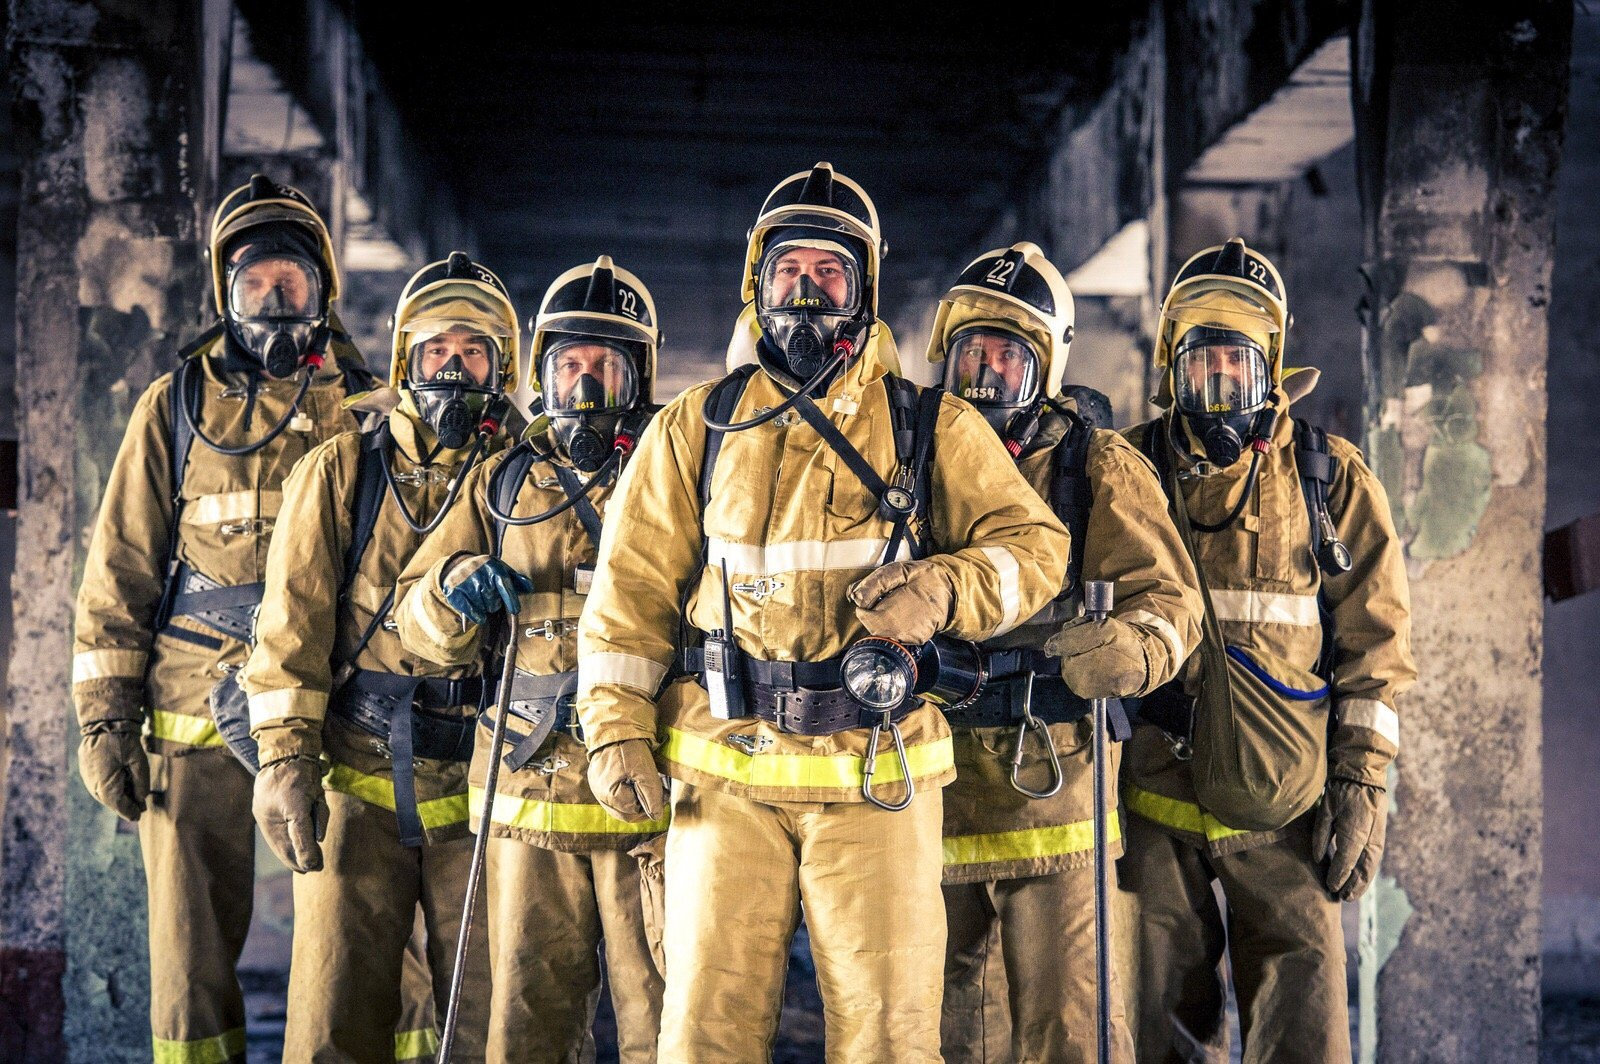 Фото пульты управления пожарной сигнализации подразумевают